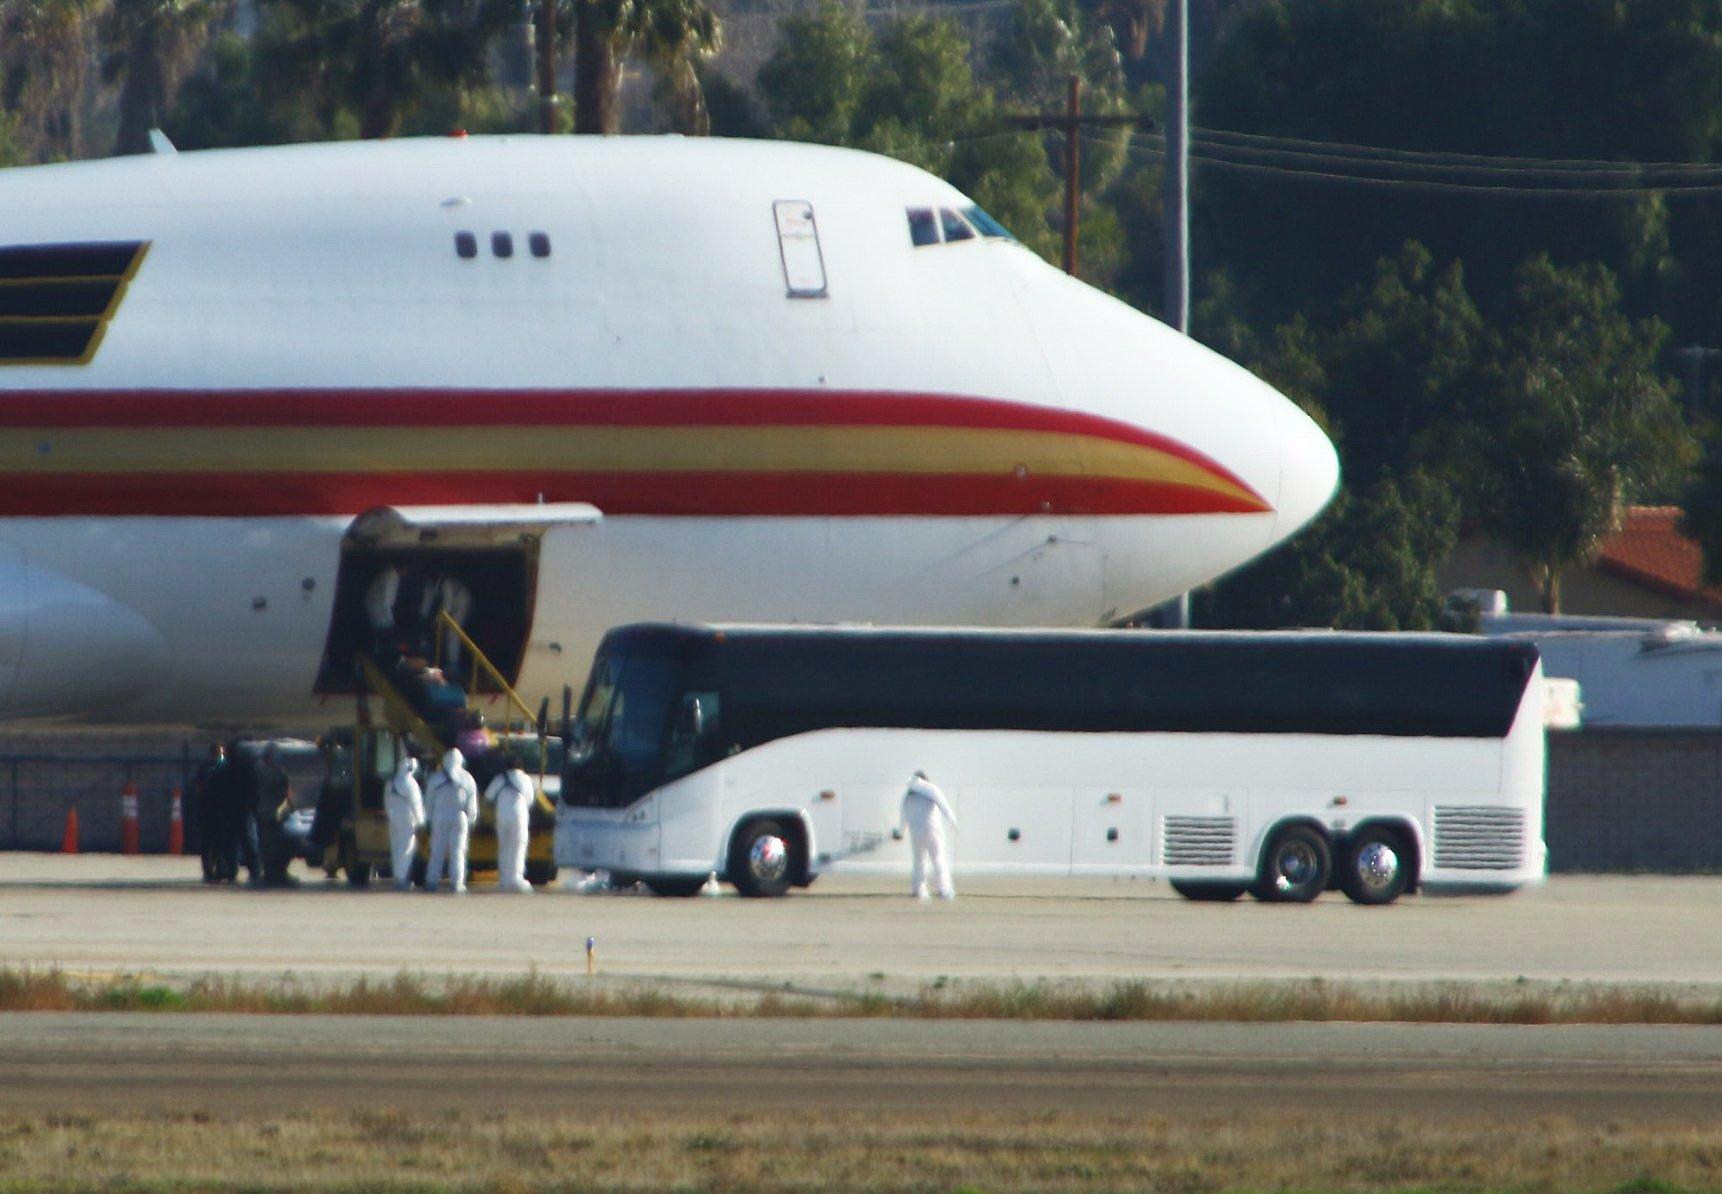 圖為2020年1月29日,一架載著美國從武漢撤僑的飛機降落在加州「馬奇空軍基地」(March Air Reserve Base)。(Matt HARTMAN / AFP)